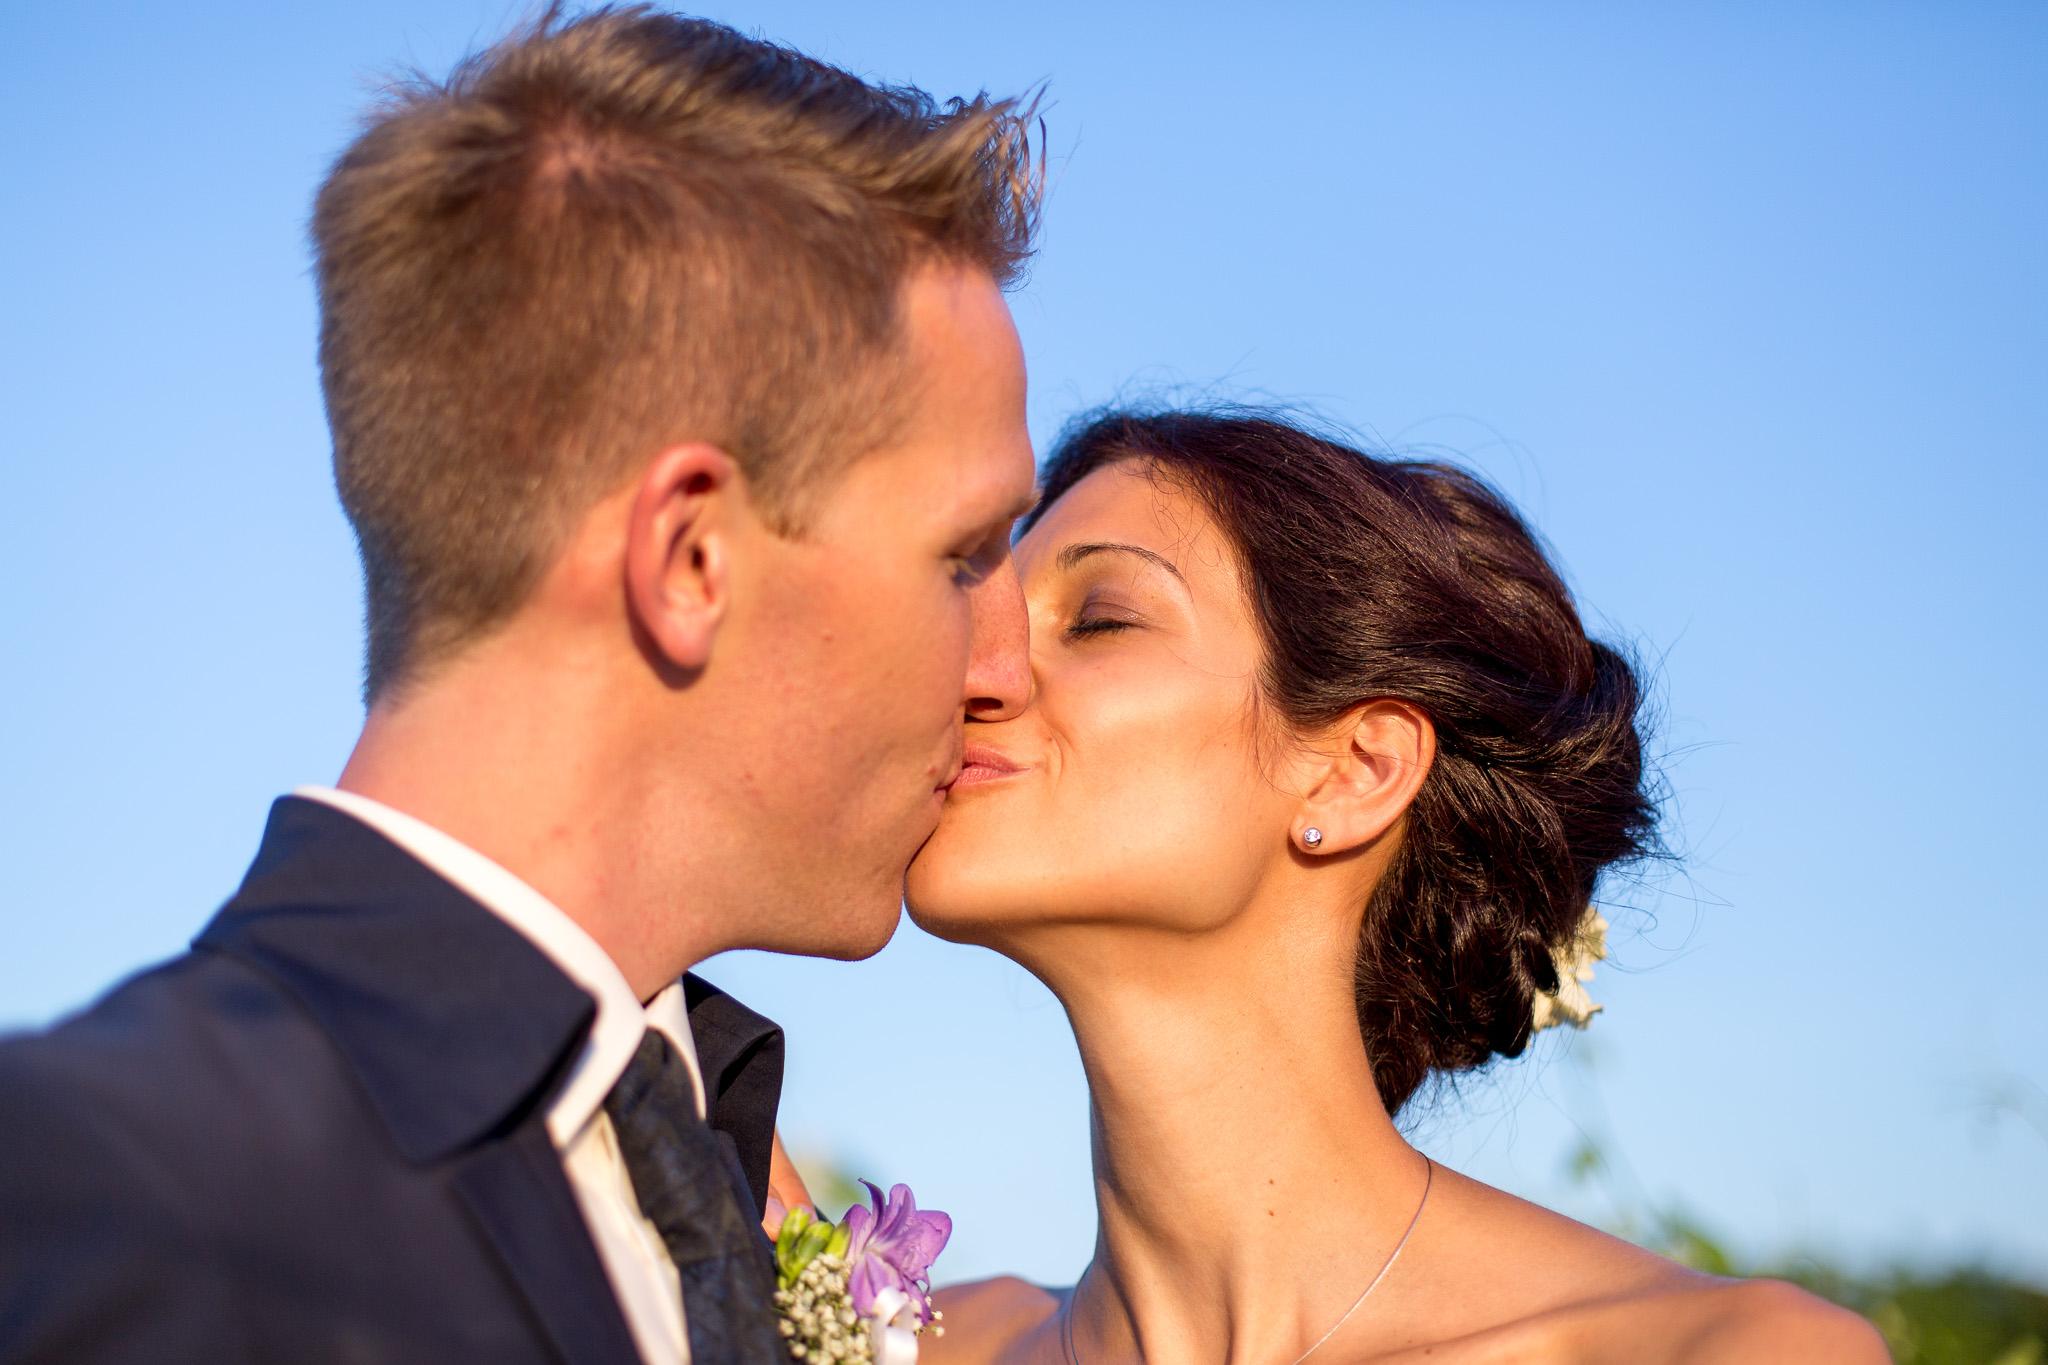 Hochzeit_036.jpg